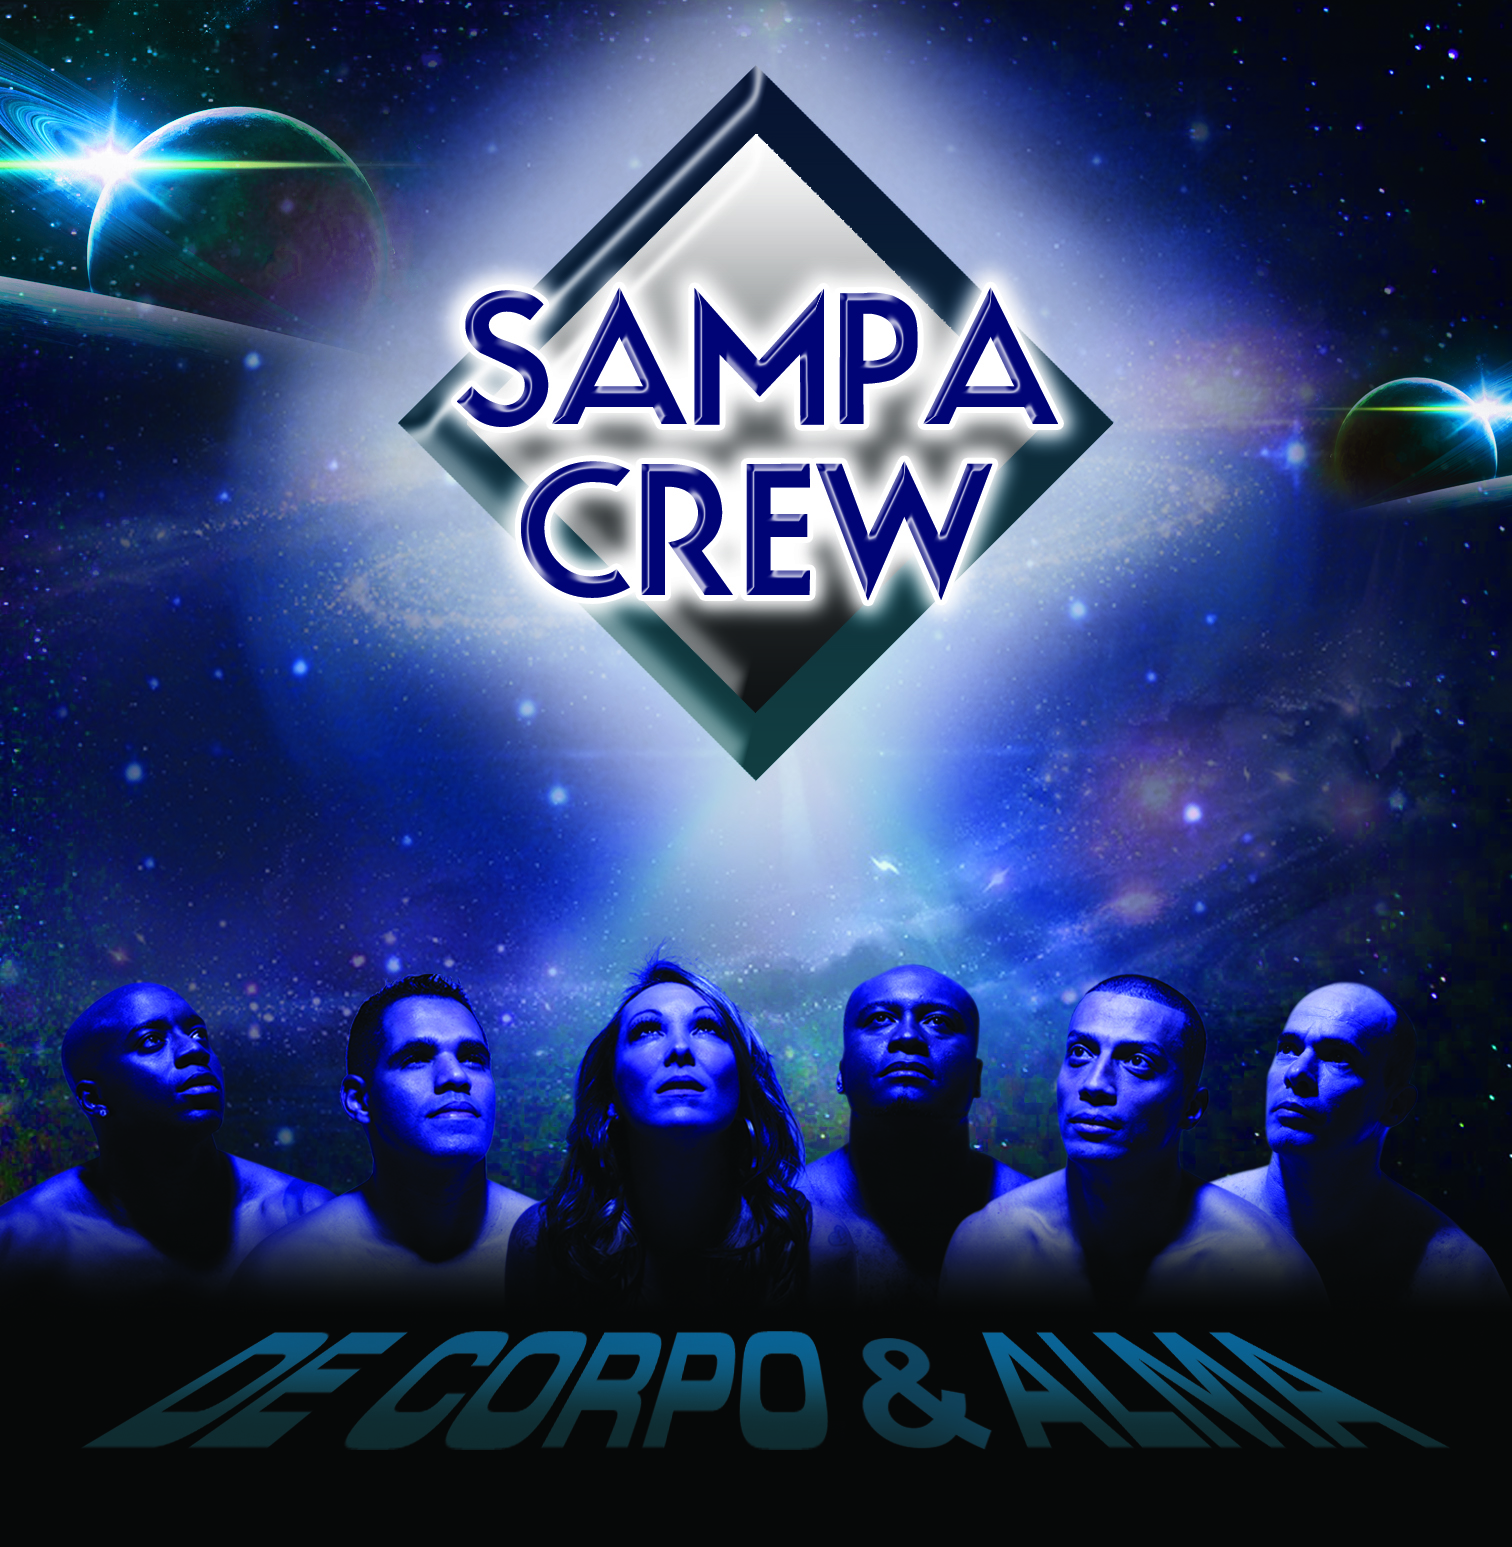 sampa video Sampa may refer to: sampa, the short nickname for são paulo, brazil sampa,  ghana sampa, burkina faso sampa, goddess commemorated in paganism in .